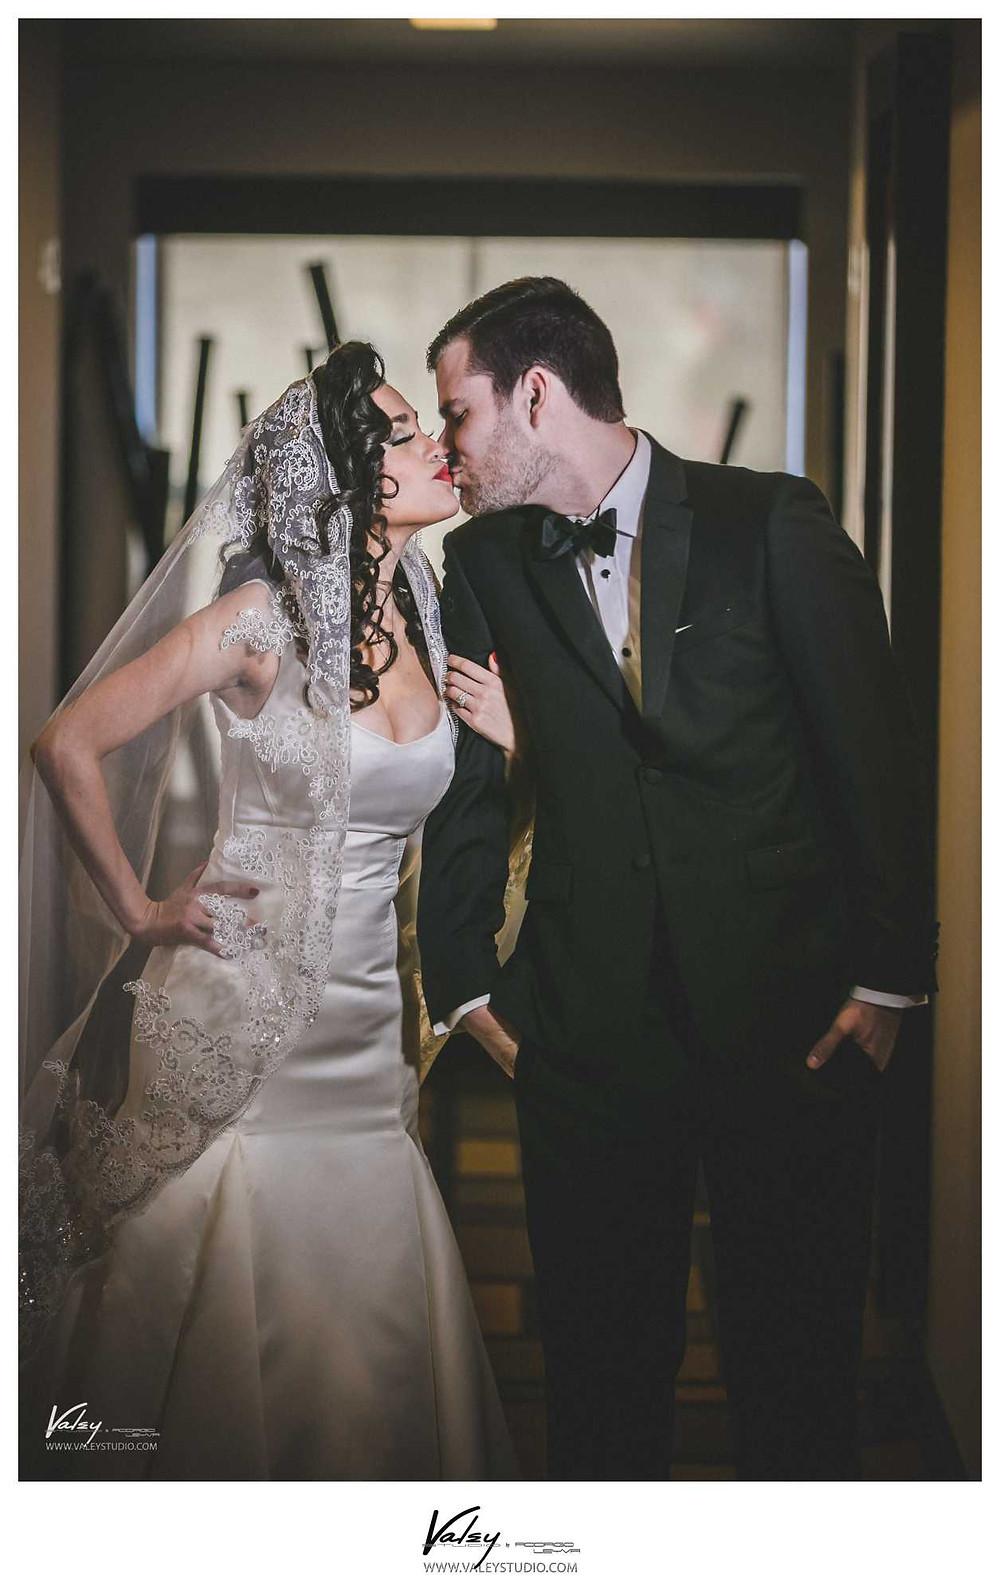 wedding-valeystudio-real-del-rio-tijuana-19.jpg